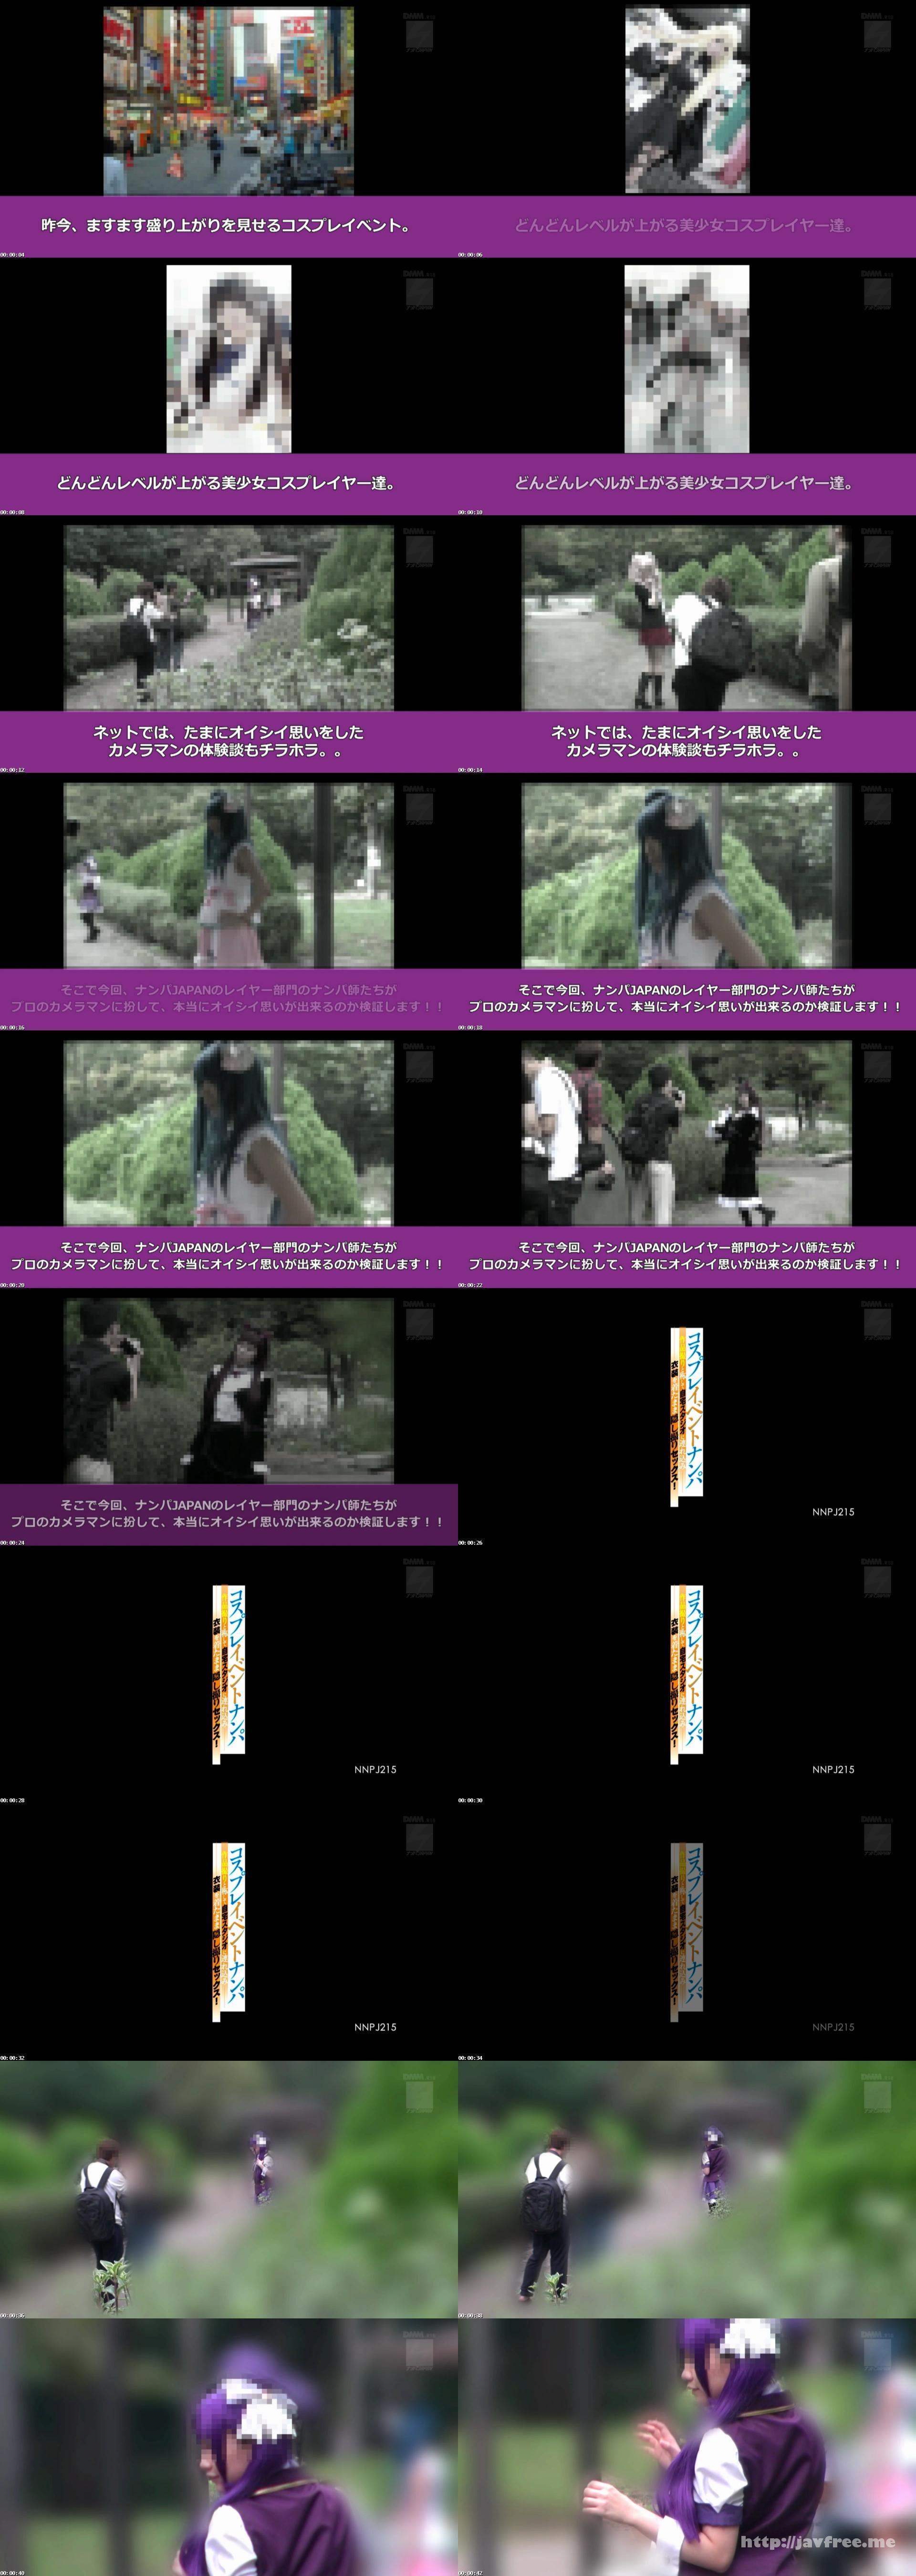 [NNPJ-215] コスプレイベントナンパ 作品撮りと称して自宅スタジオに連れ込み衣装を着たまま隠し撮りセックス!